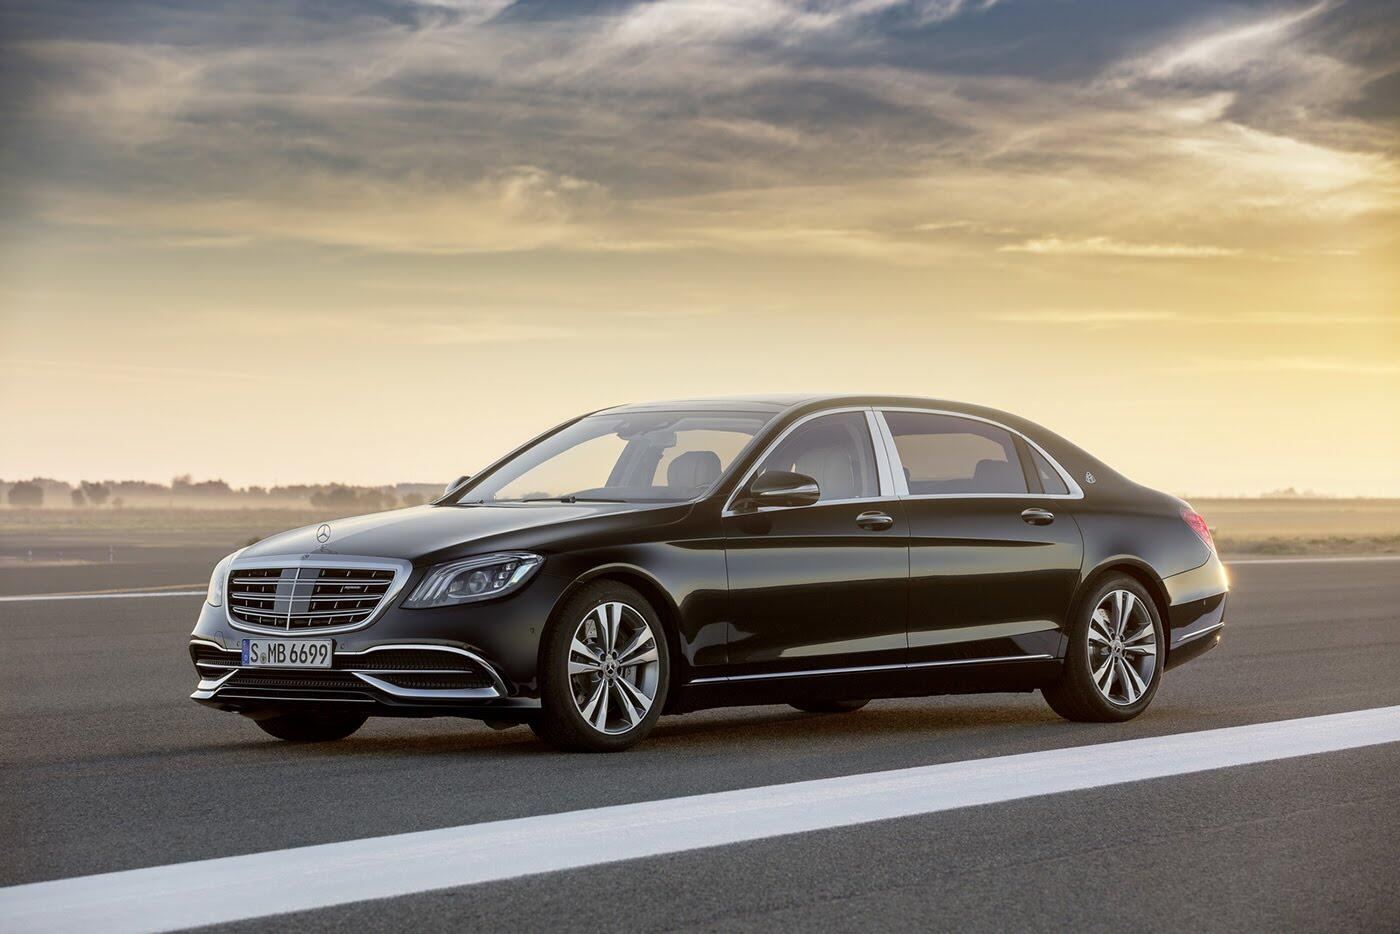 """Chiêm ngưỡng """"kiệt tác"""" Mercedes-Benz S-Class 2018 - Hình 2"""